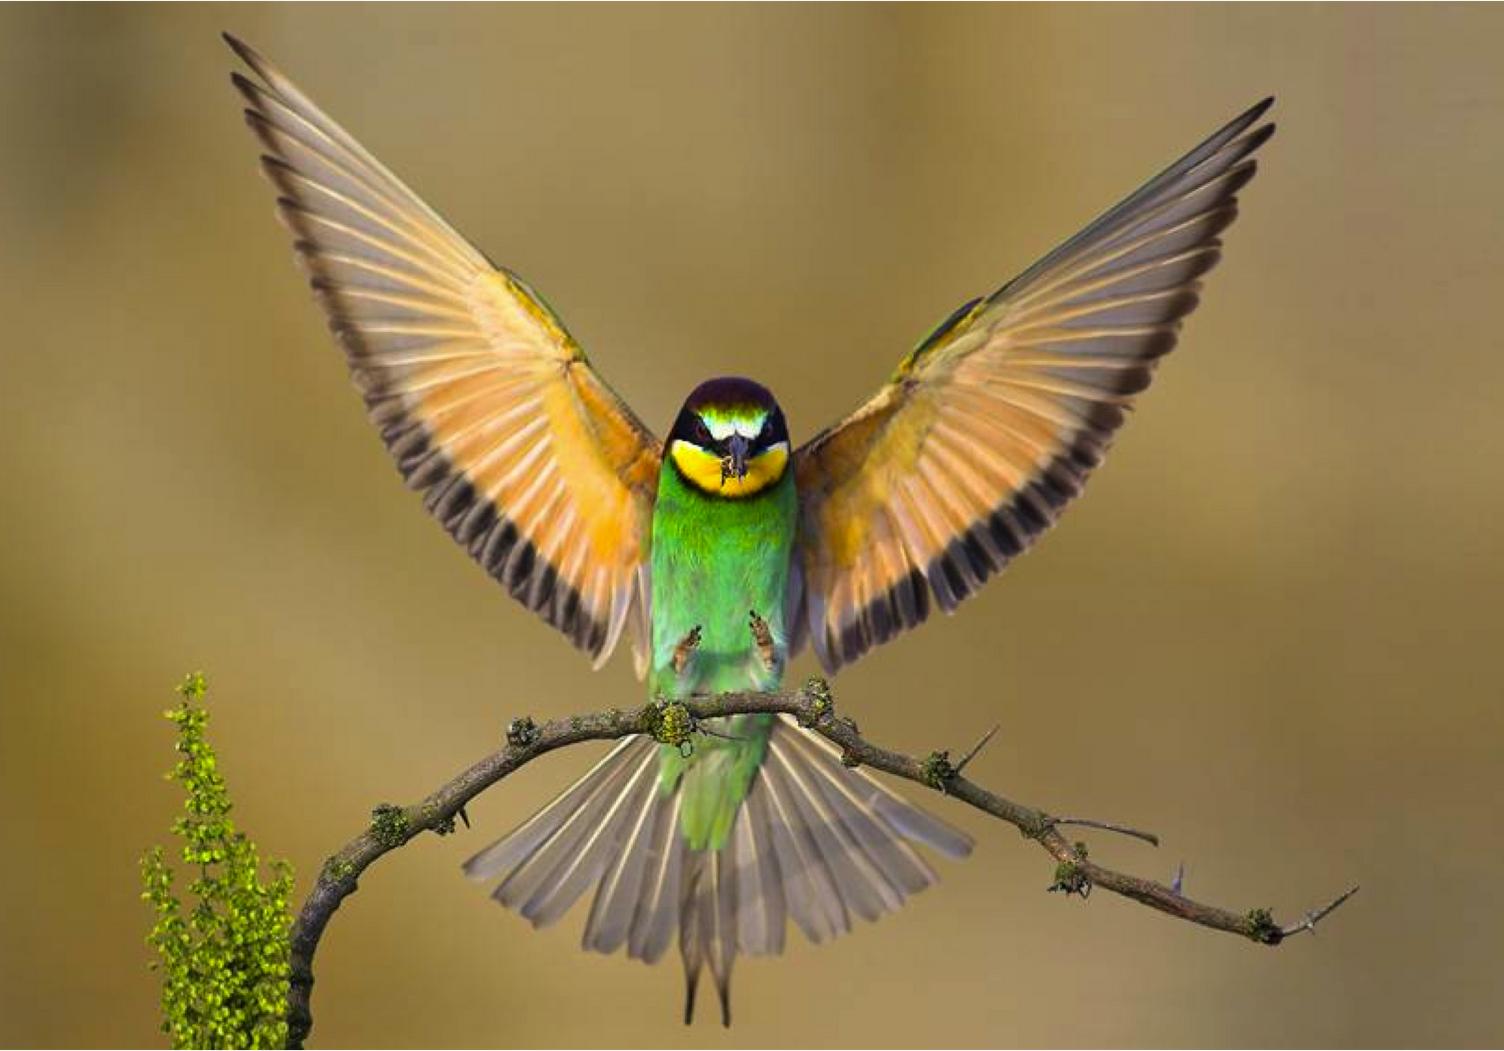 در لحظه فرود پرنده